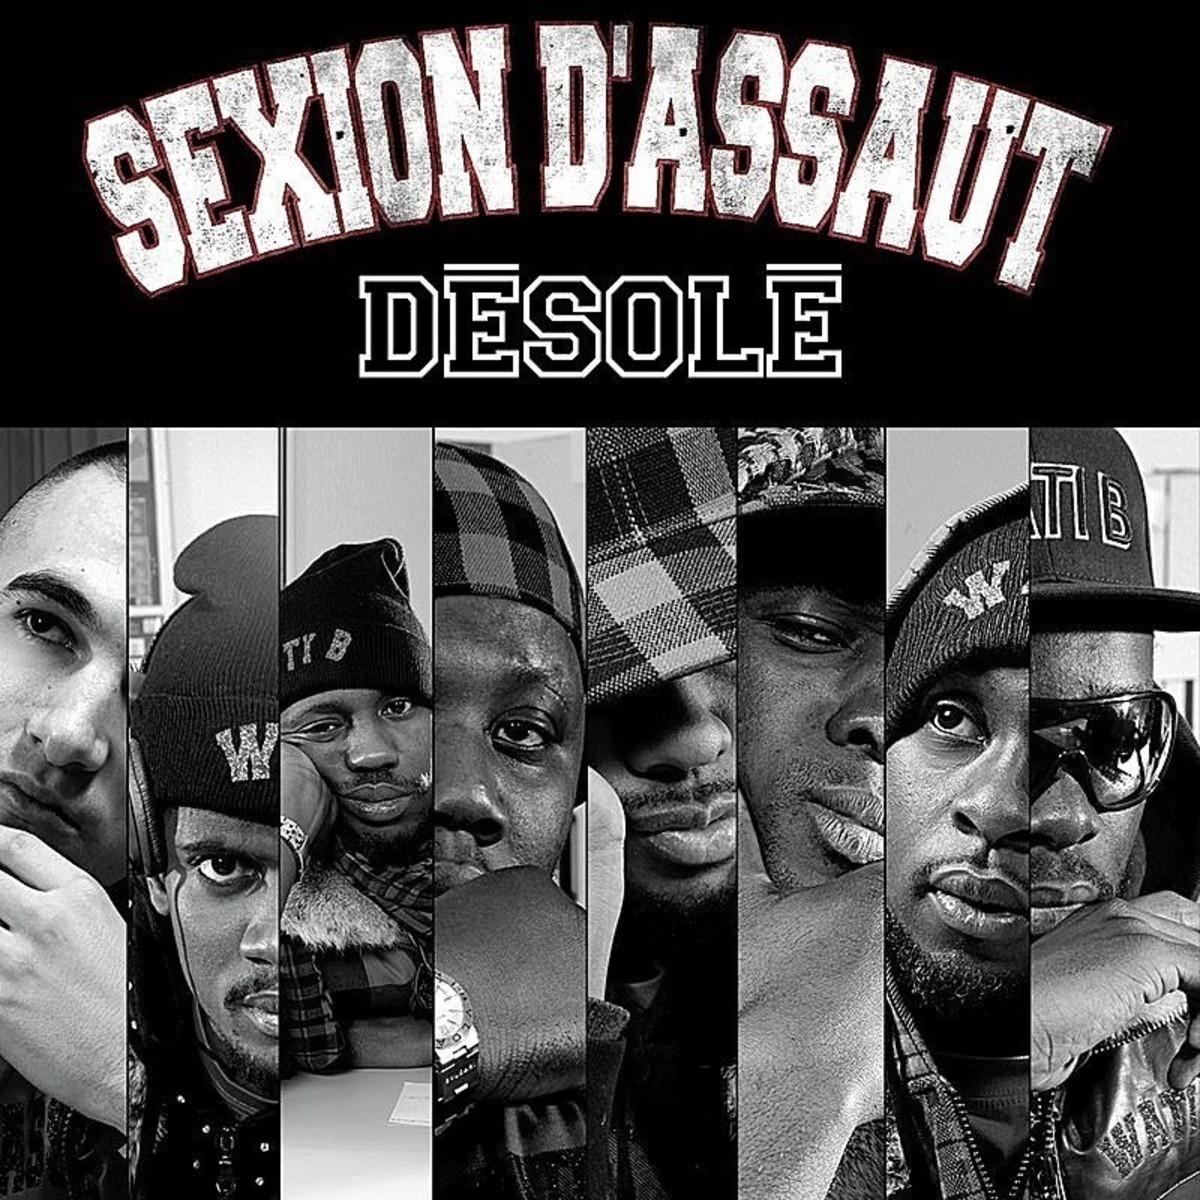 MP3 GRATUIT DASSAUT TÉLÉCHARGER GRATUIT SEXION DESOLE